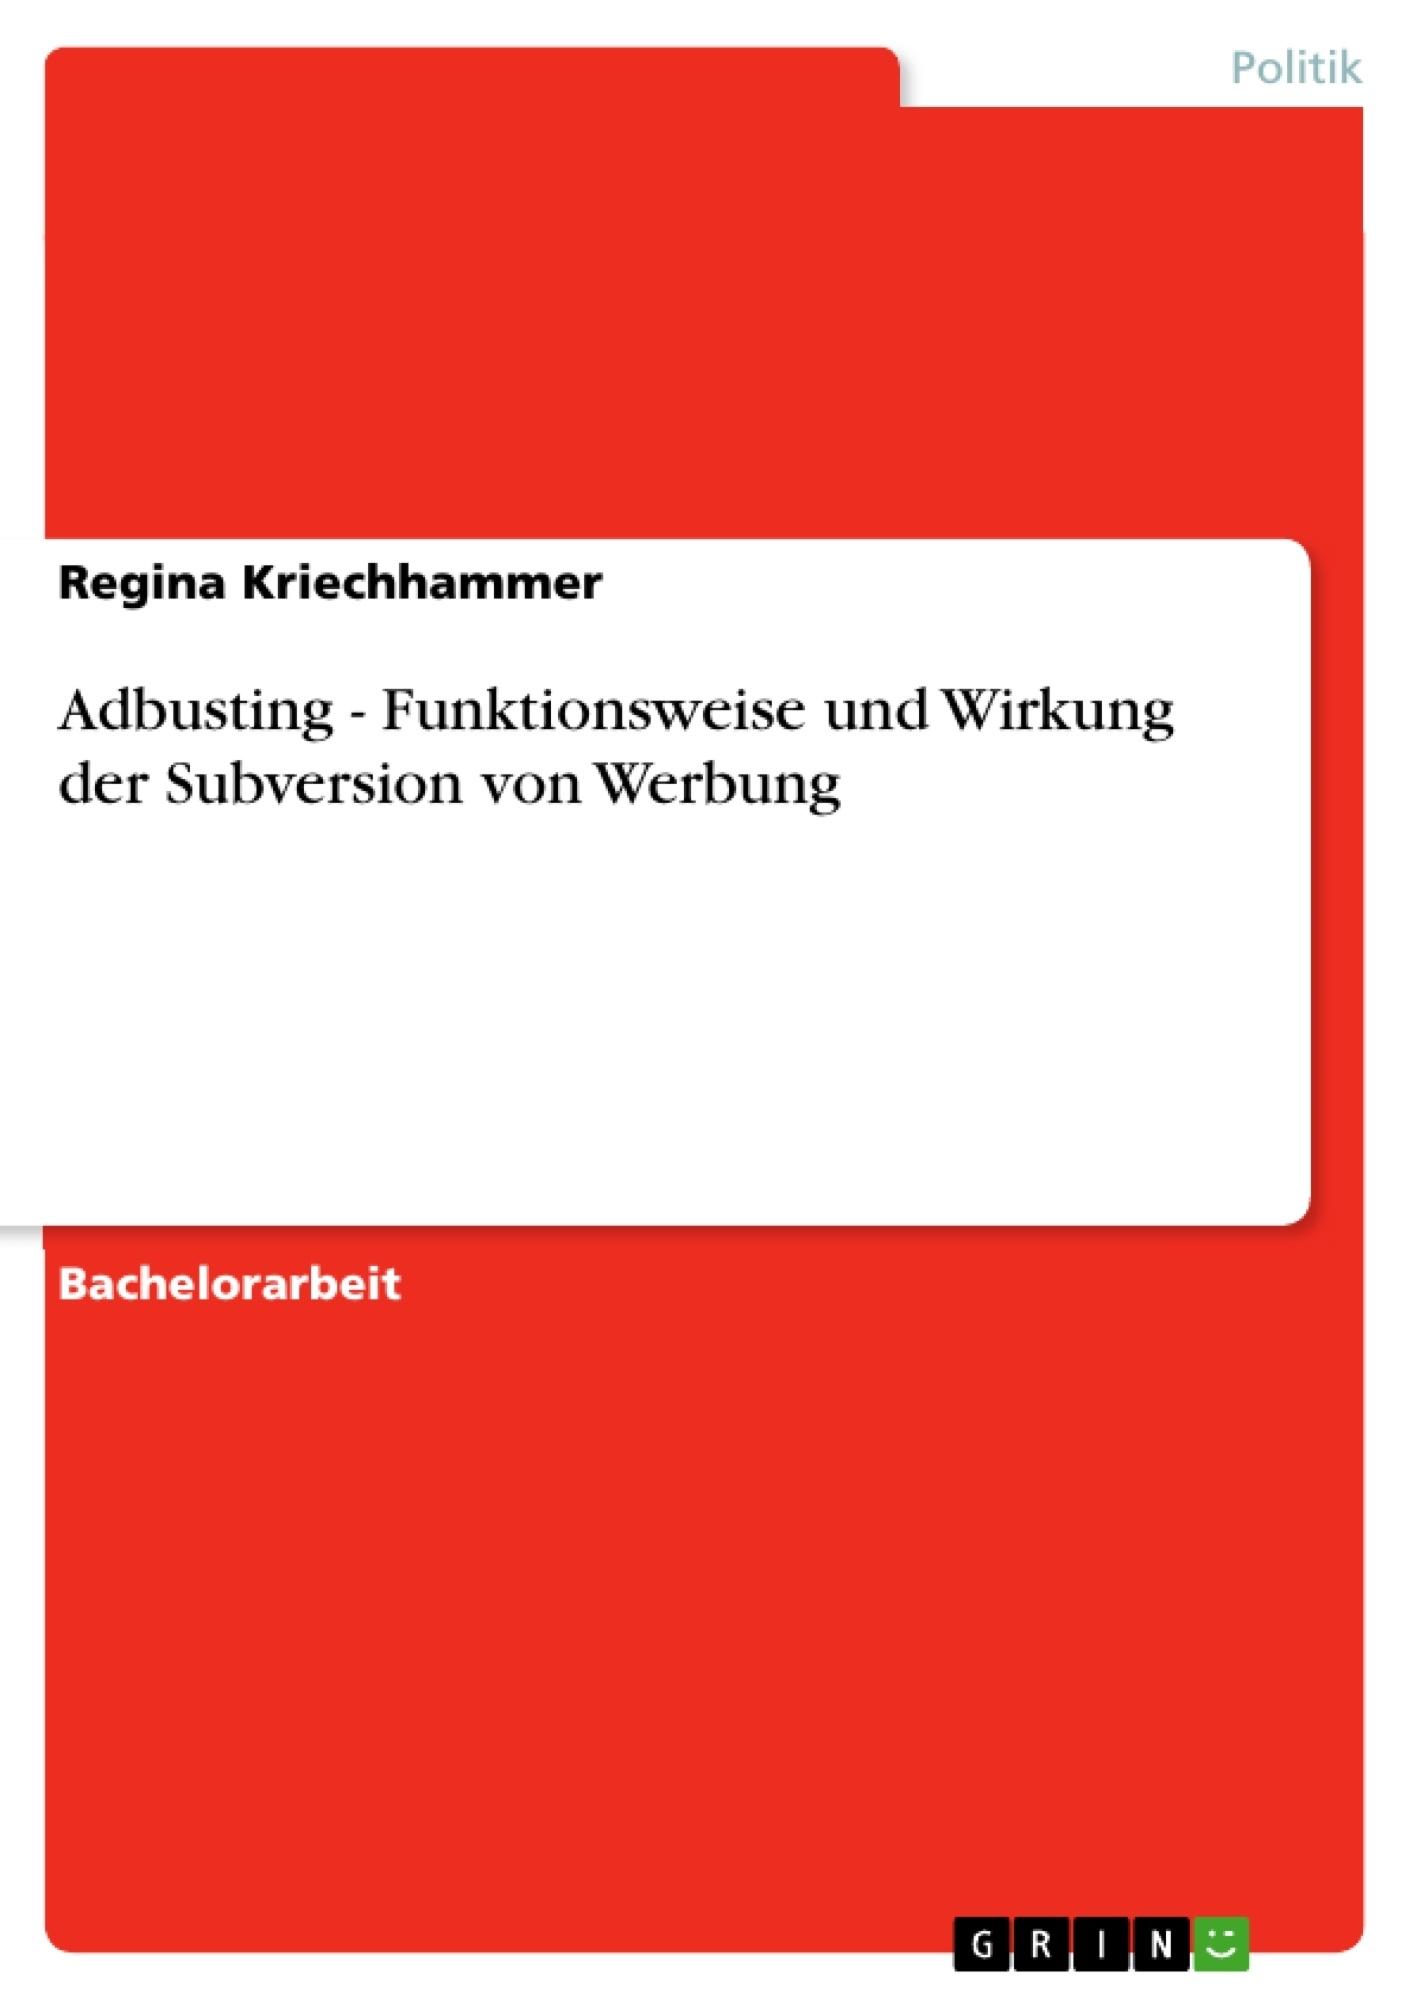 Titel: Adbusting - Funktionsweise und Wirkung der Subversion von Werbung